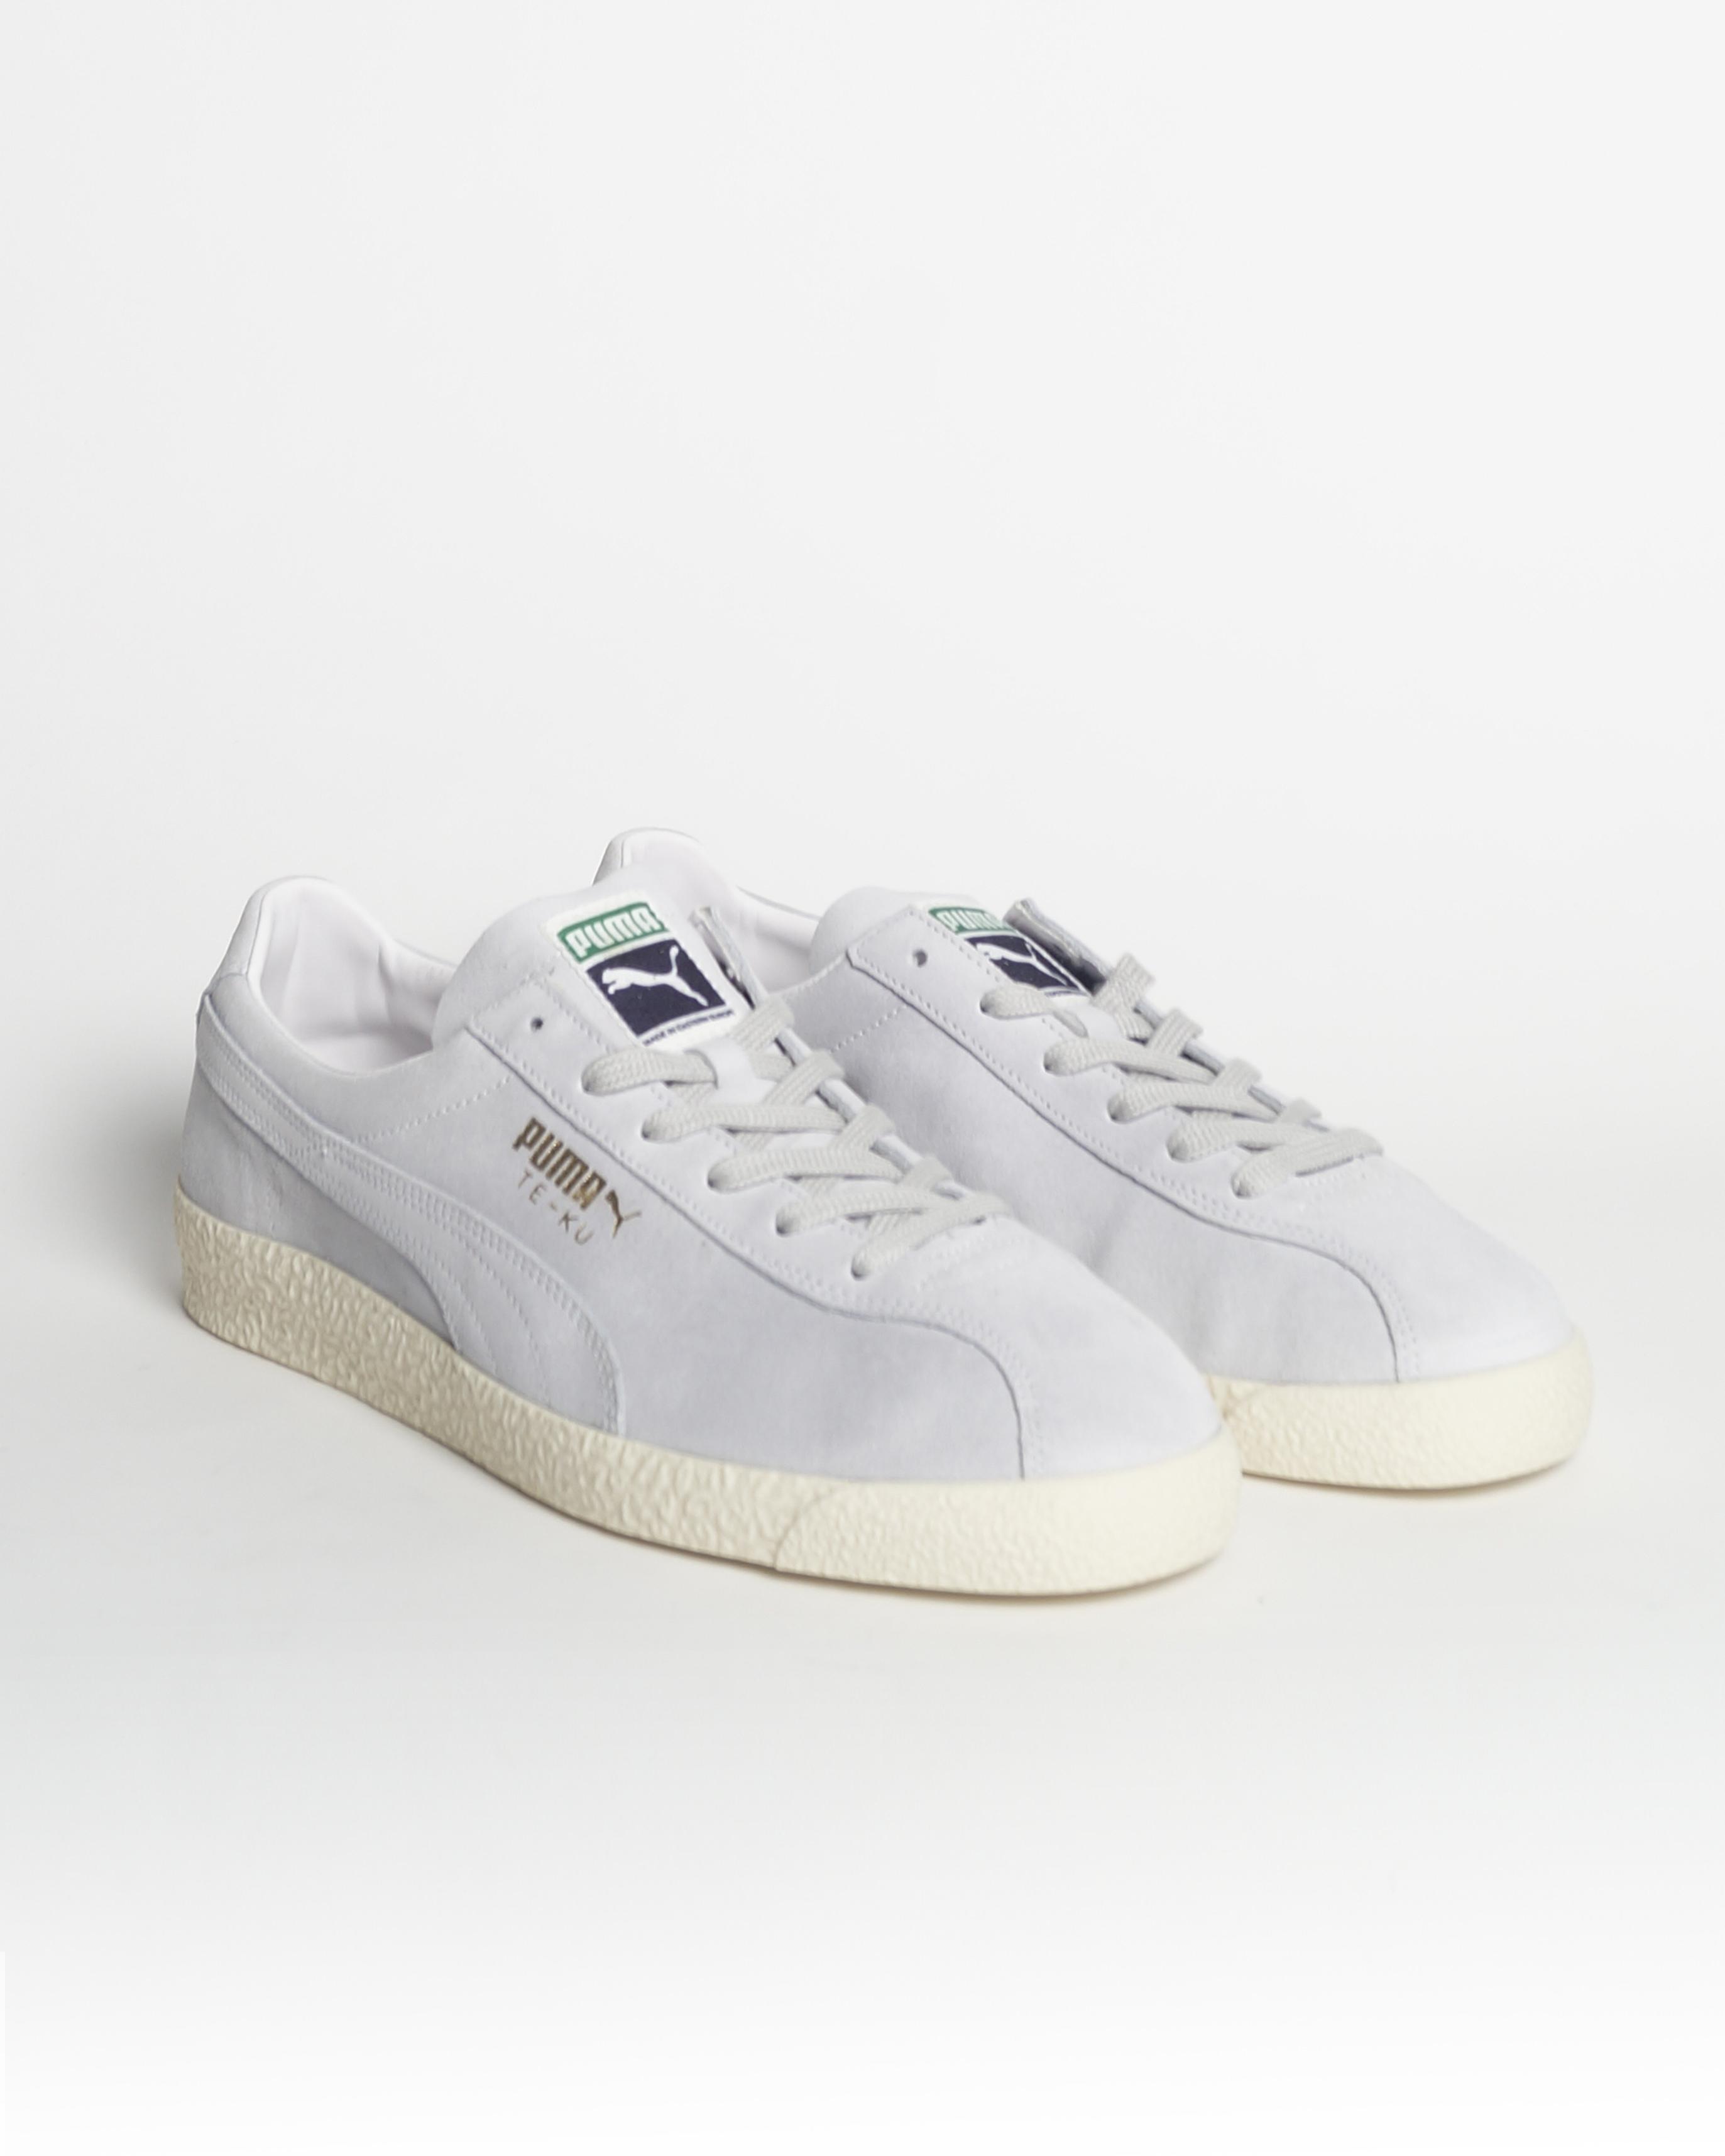 Puma Te-Ku 1 - White